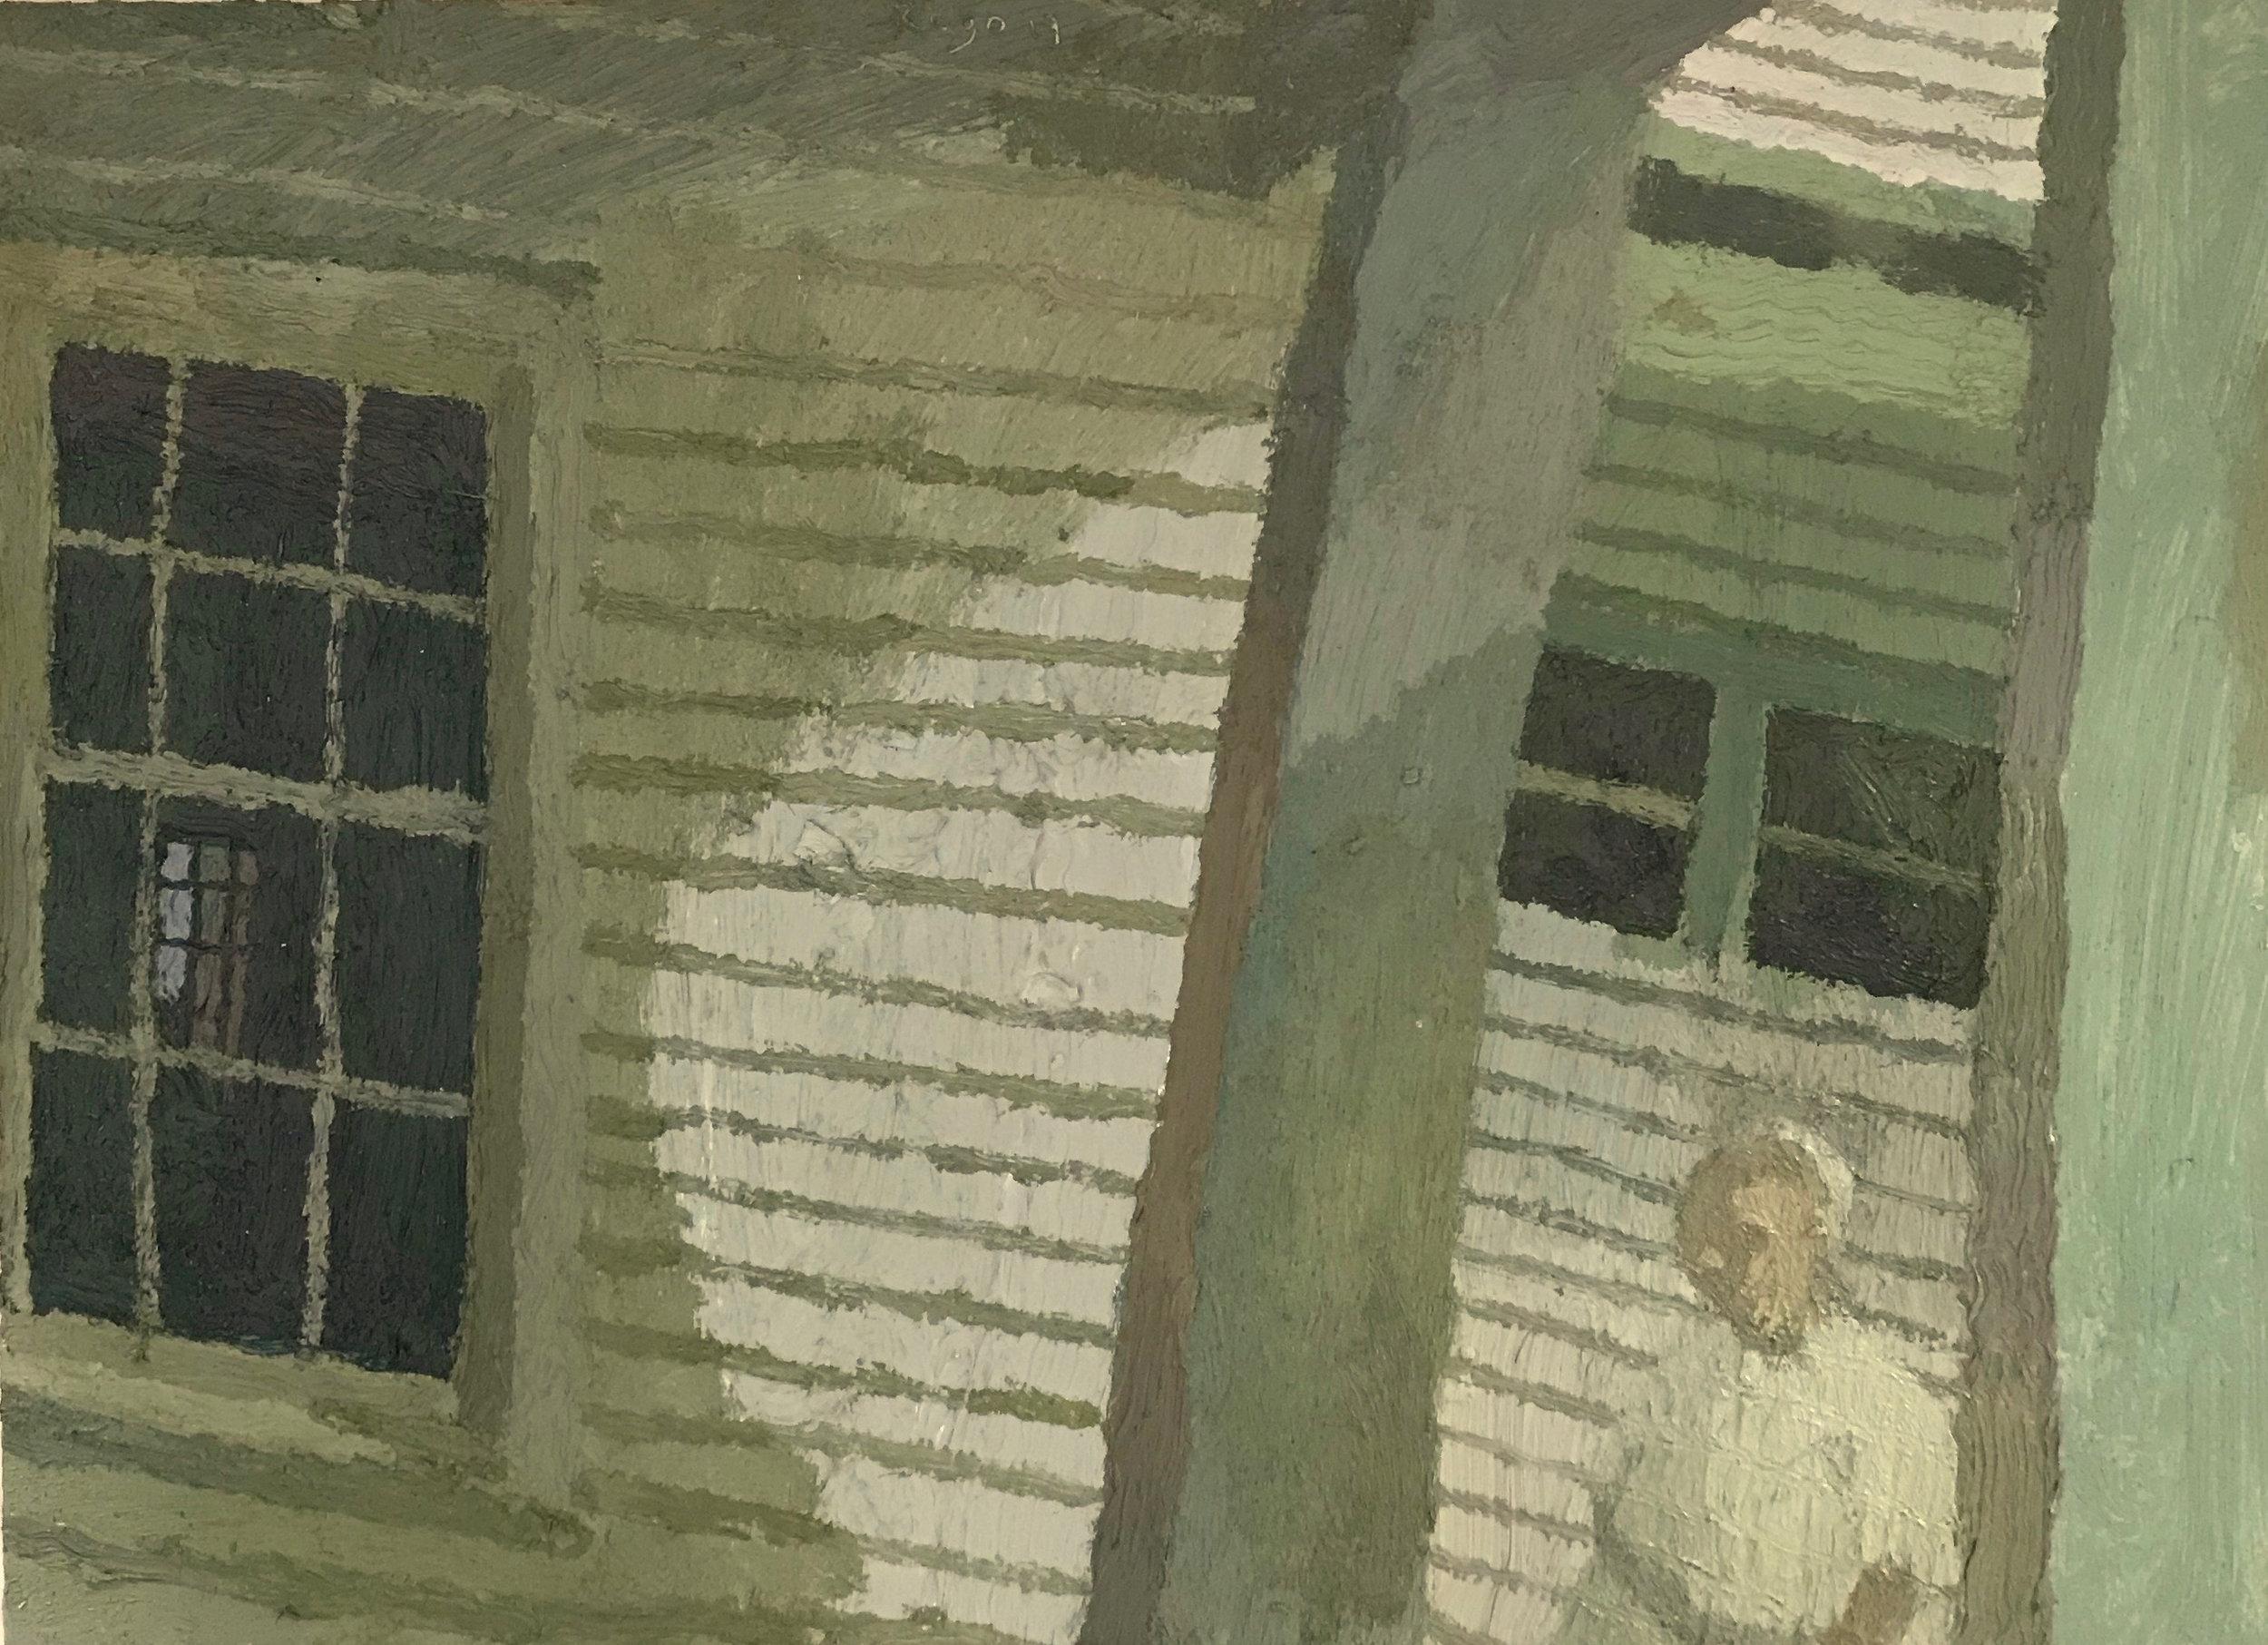 Faulkner's House